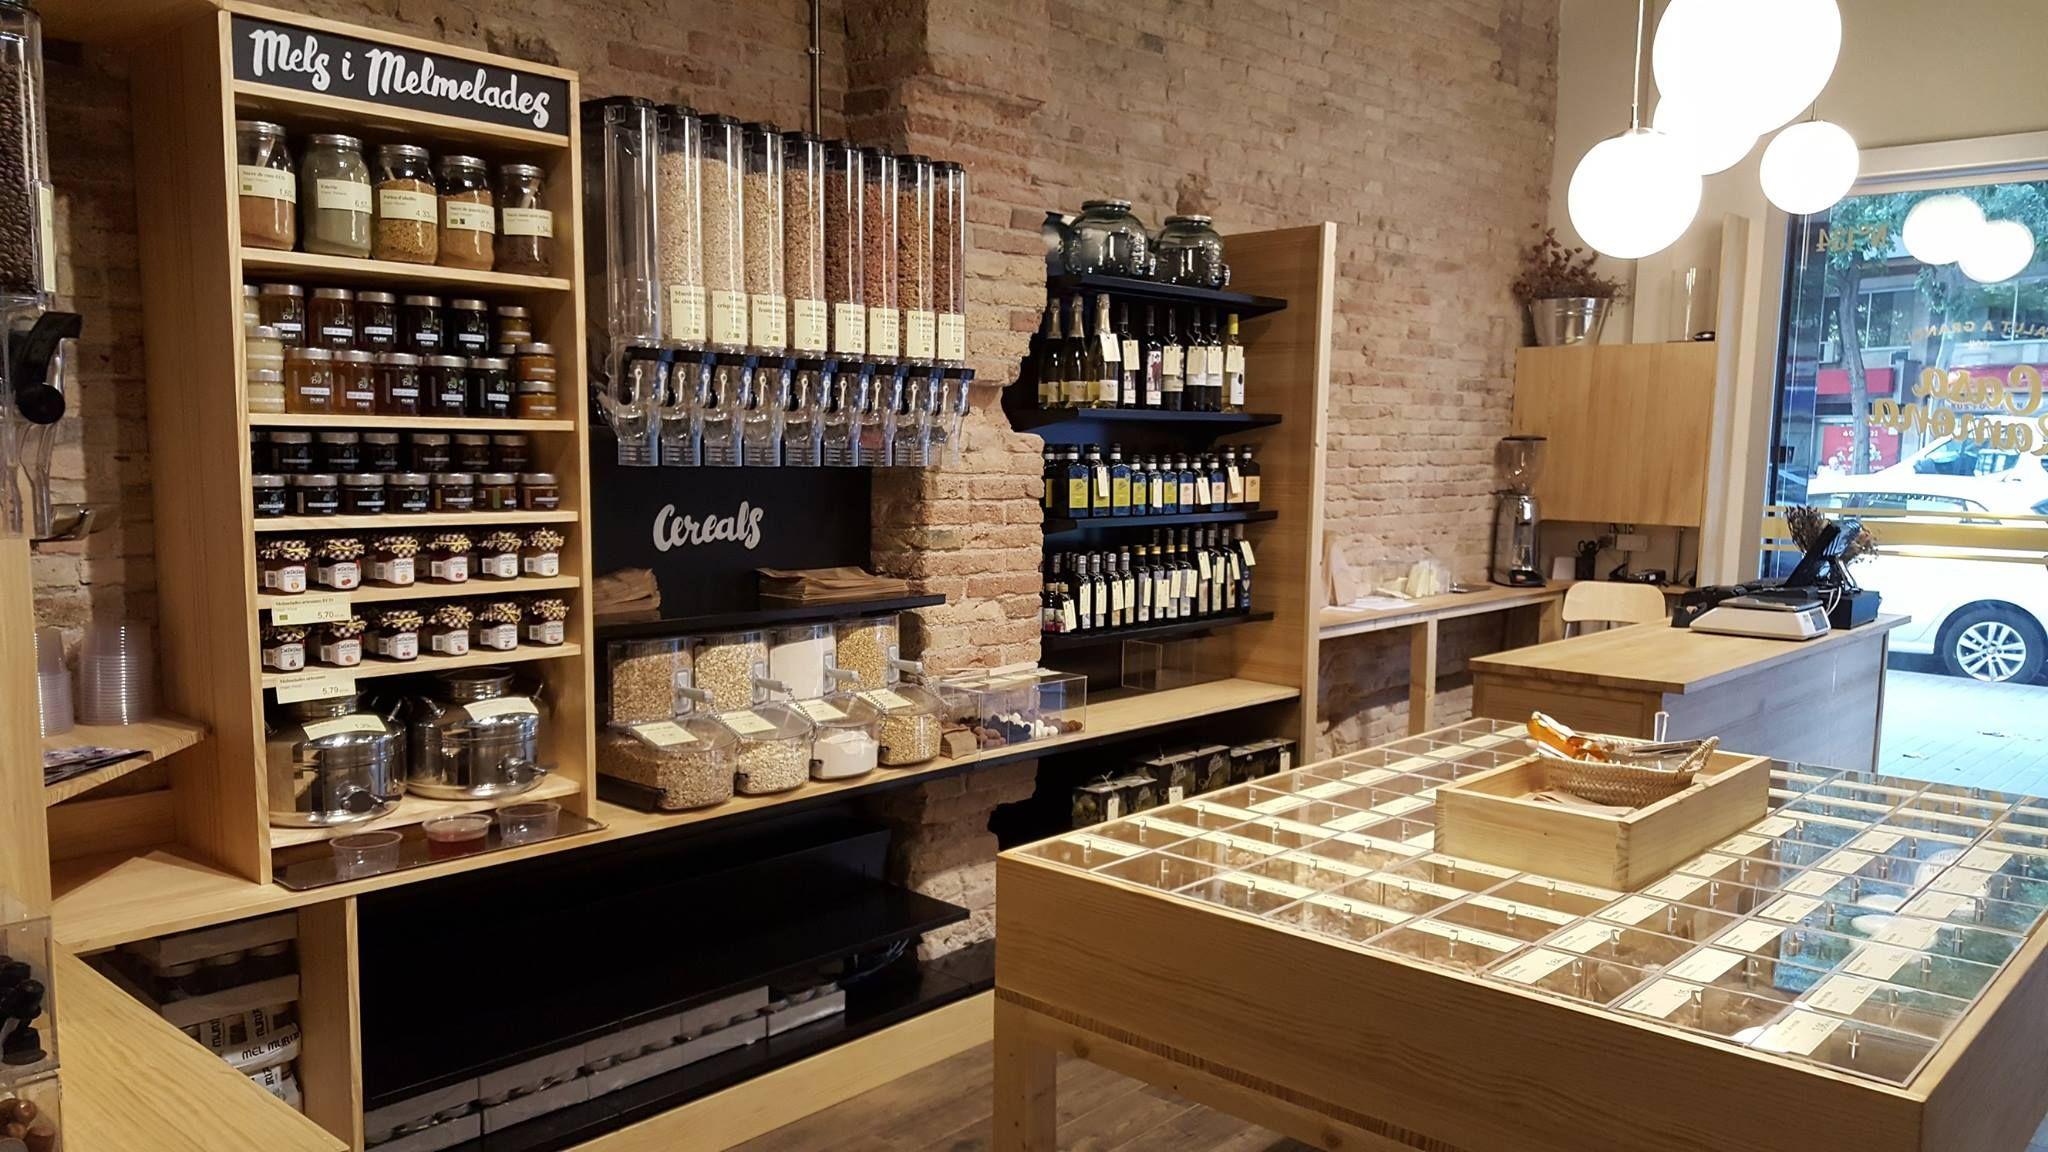 Dispensadores De Venta A Granel Sidac Iberia Muebles Para Tienda Muebles Cajones De Verdura Tiendas Organicas